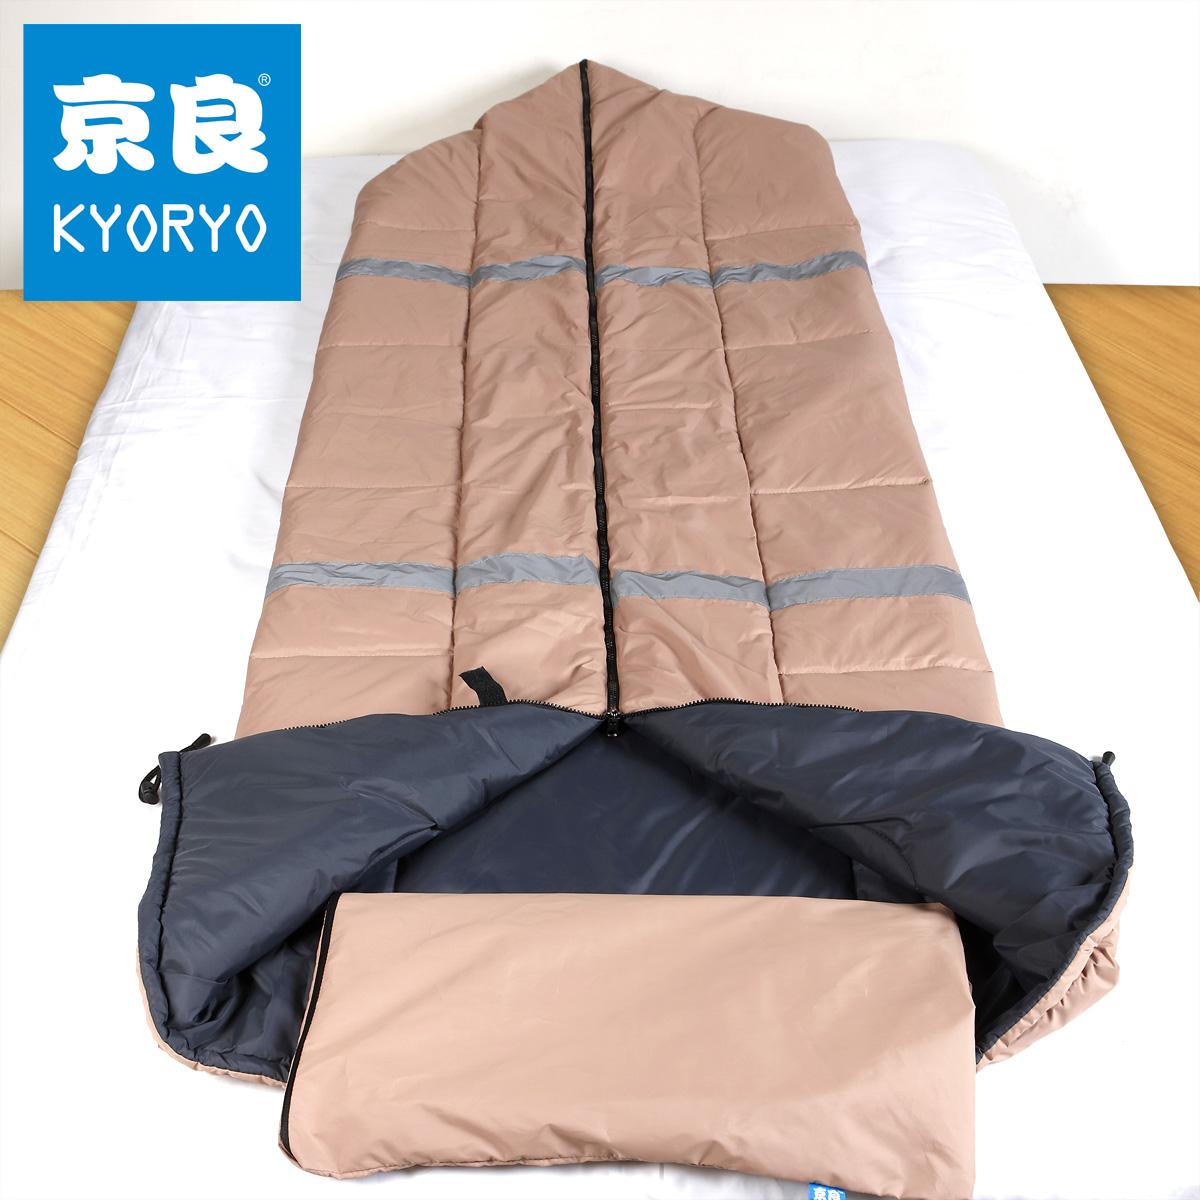 Ultralight Synthetic Sleeping Bag